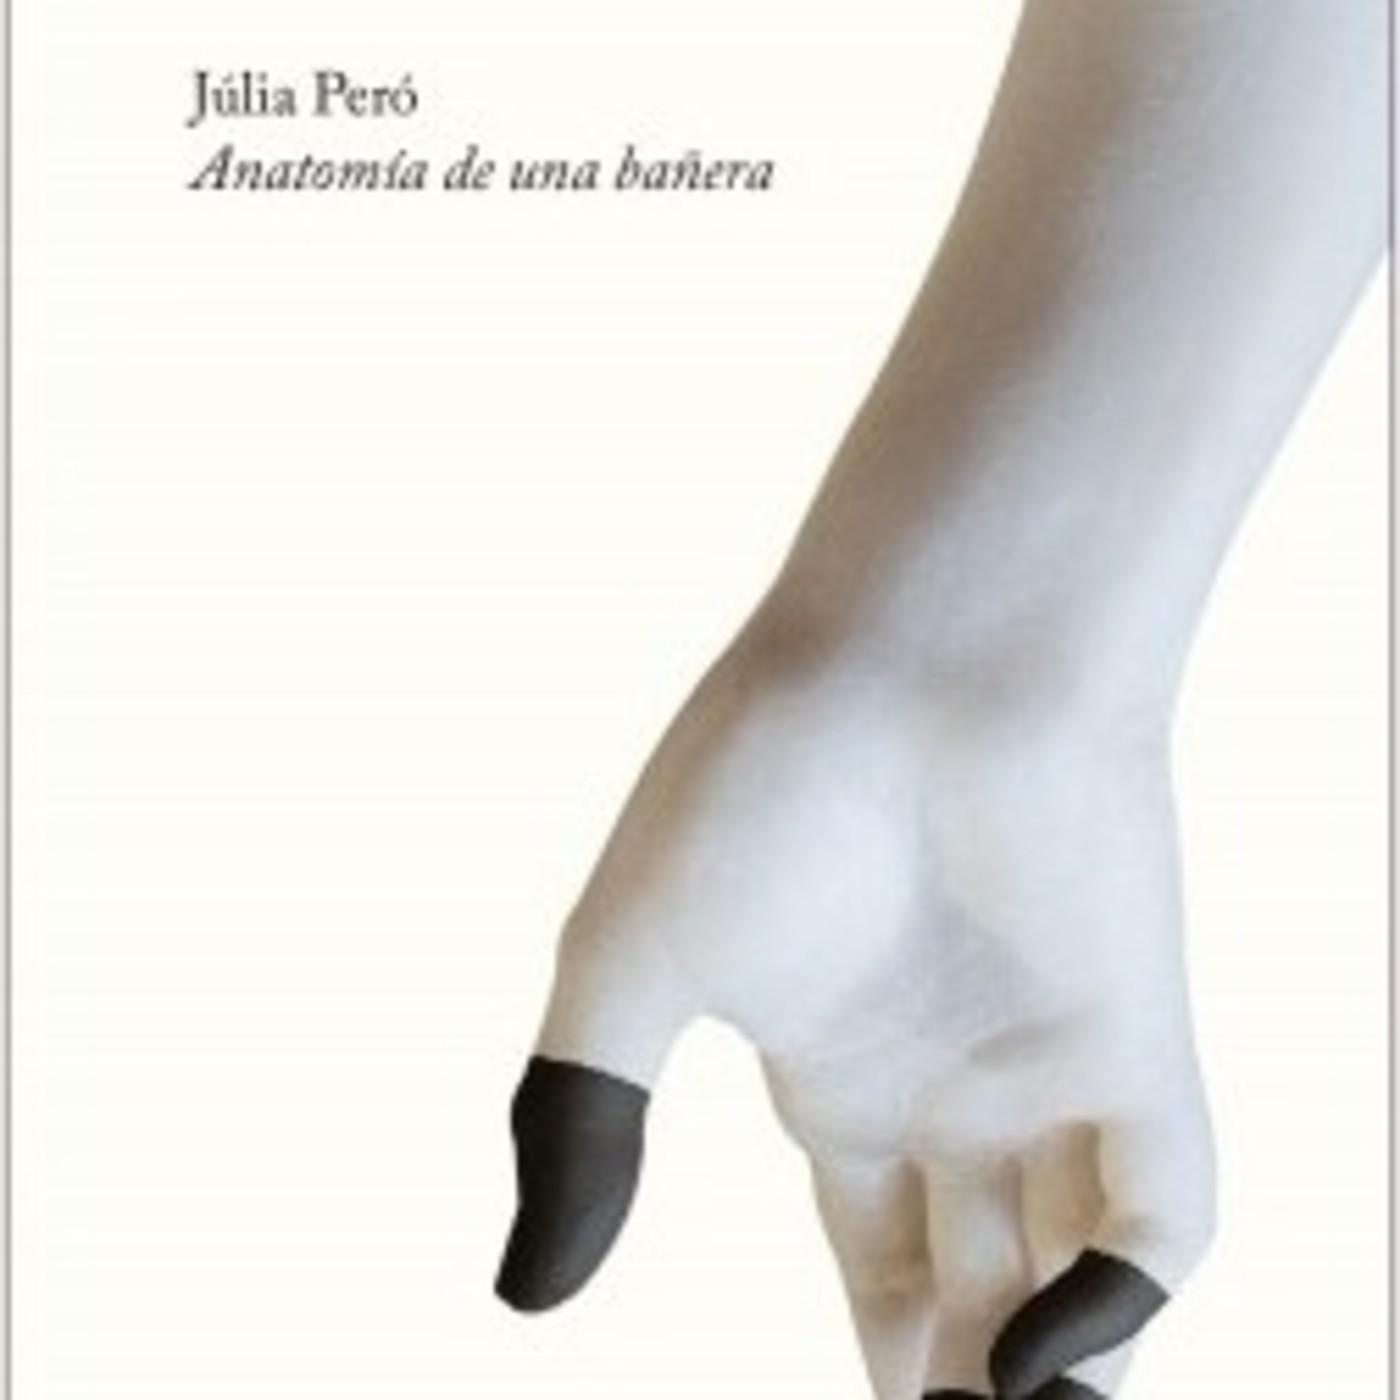 'Anatomía de una bañera' de Julia Peró